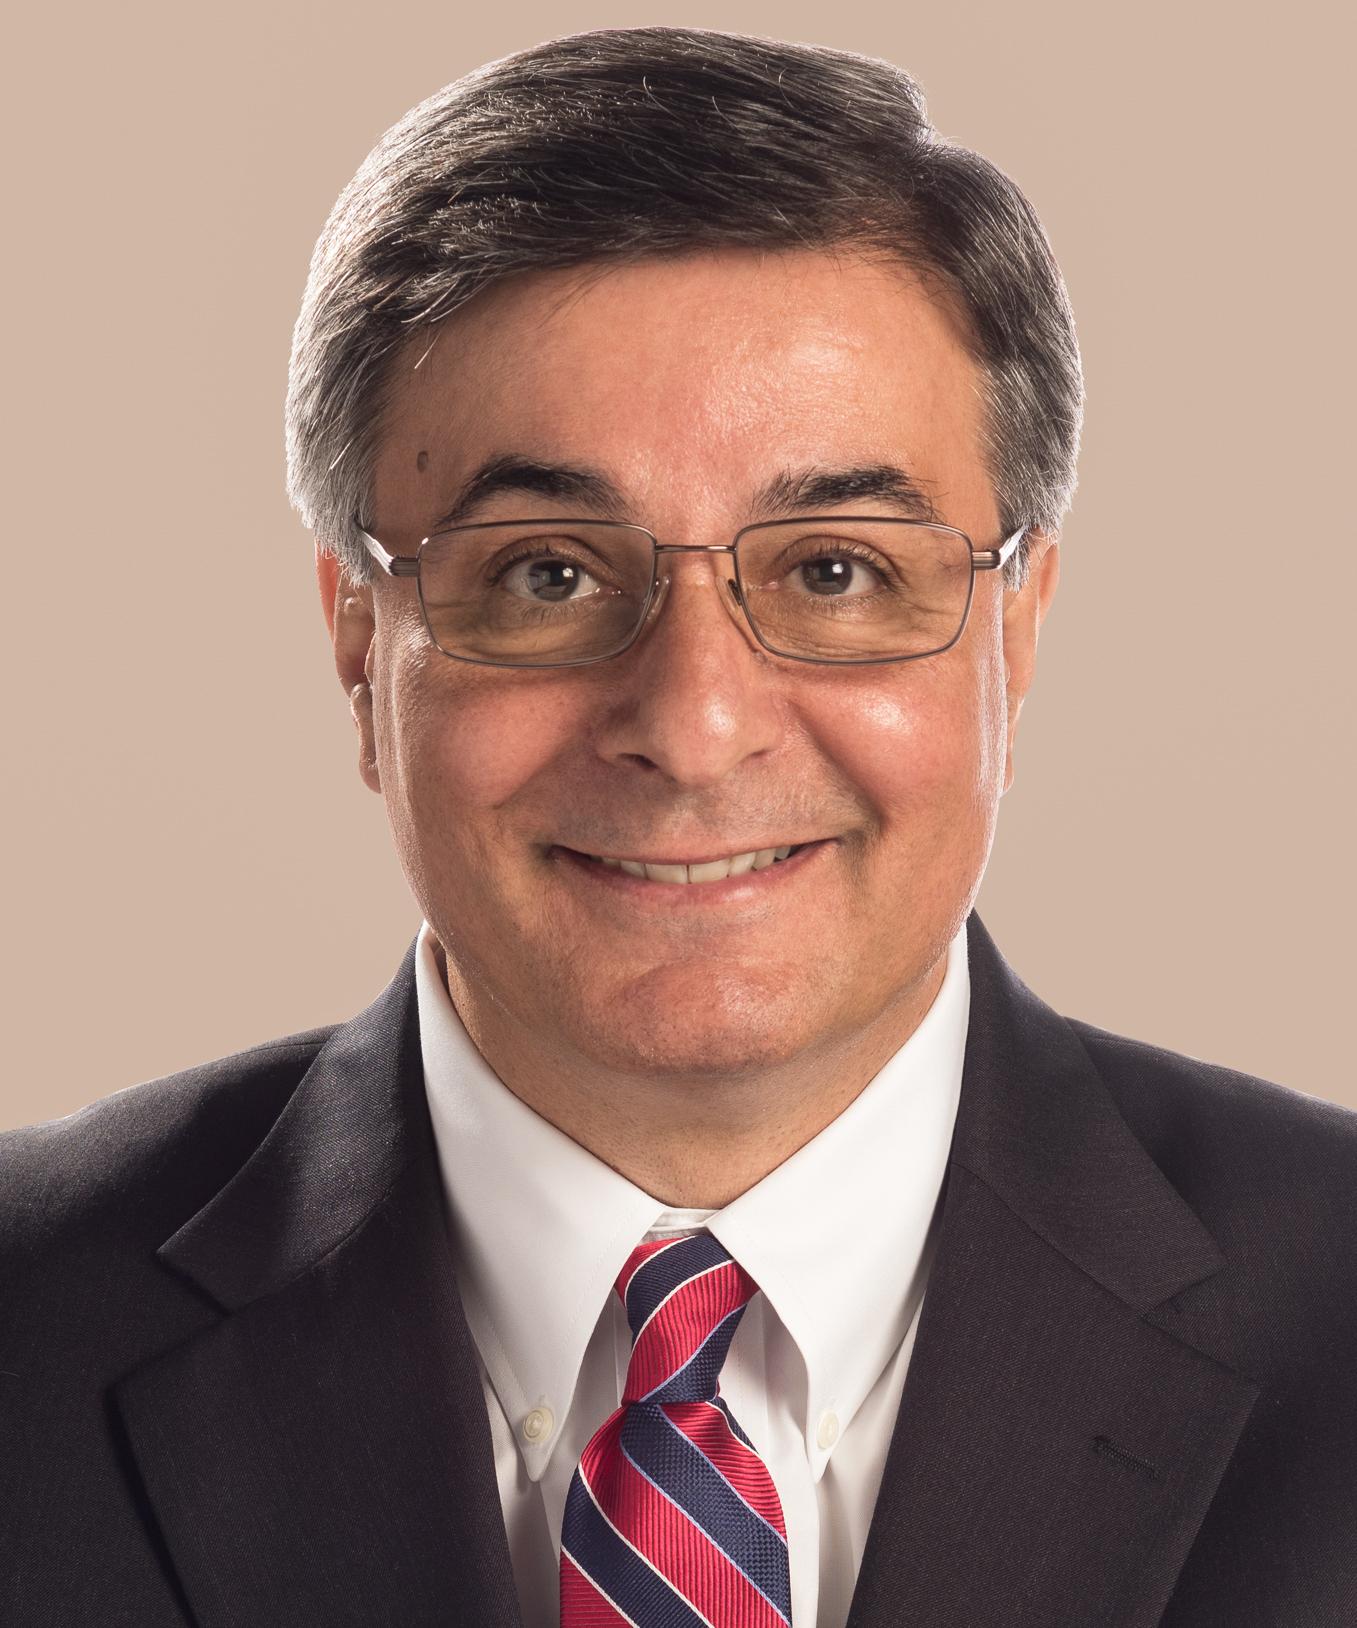 John Trentacoste